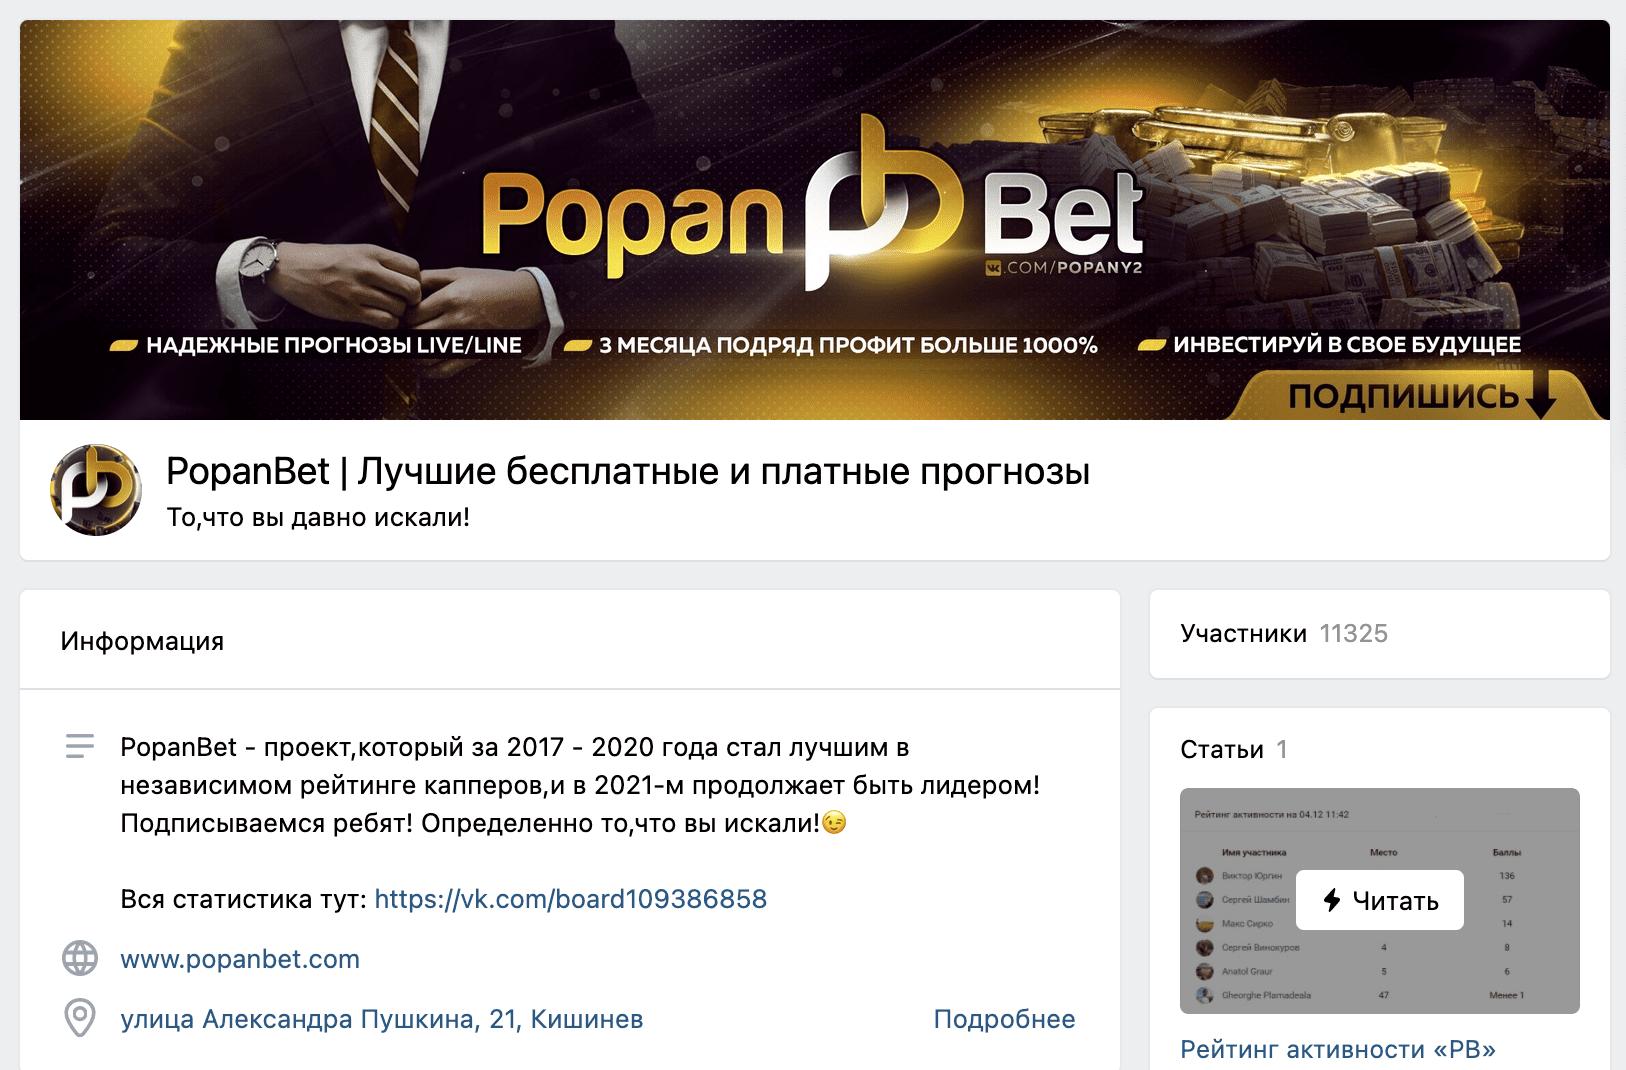 Группа ВК Popanbet(Попанбет)